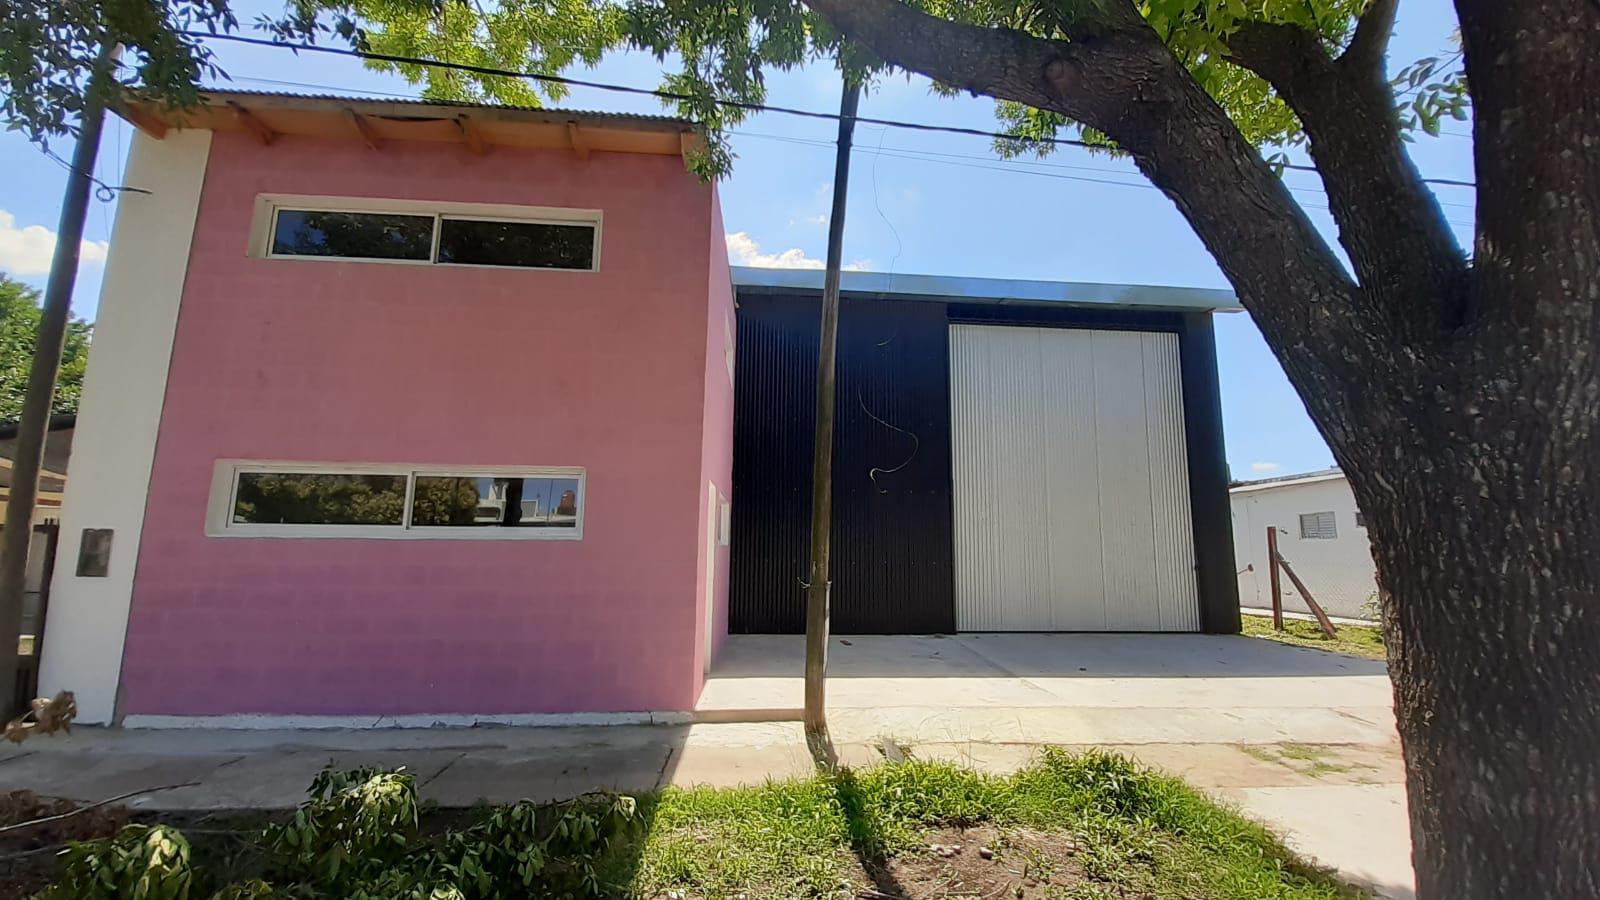 J. R. Armando 1450 - Gaggiotti Inmobiliaria cuenta con más de 50 años desde que se inicio en el negocio de los servicios inmobiliarios.